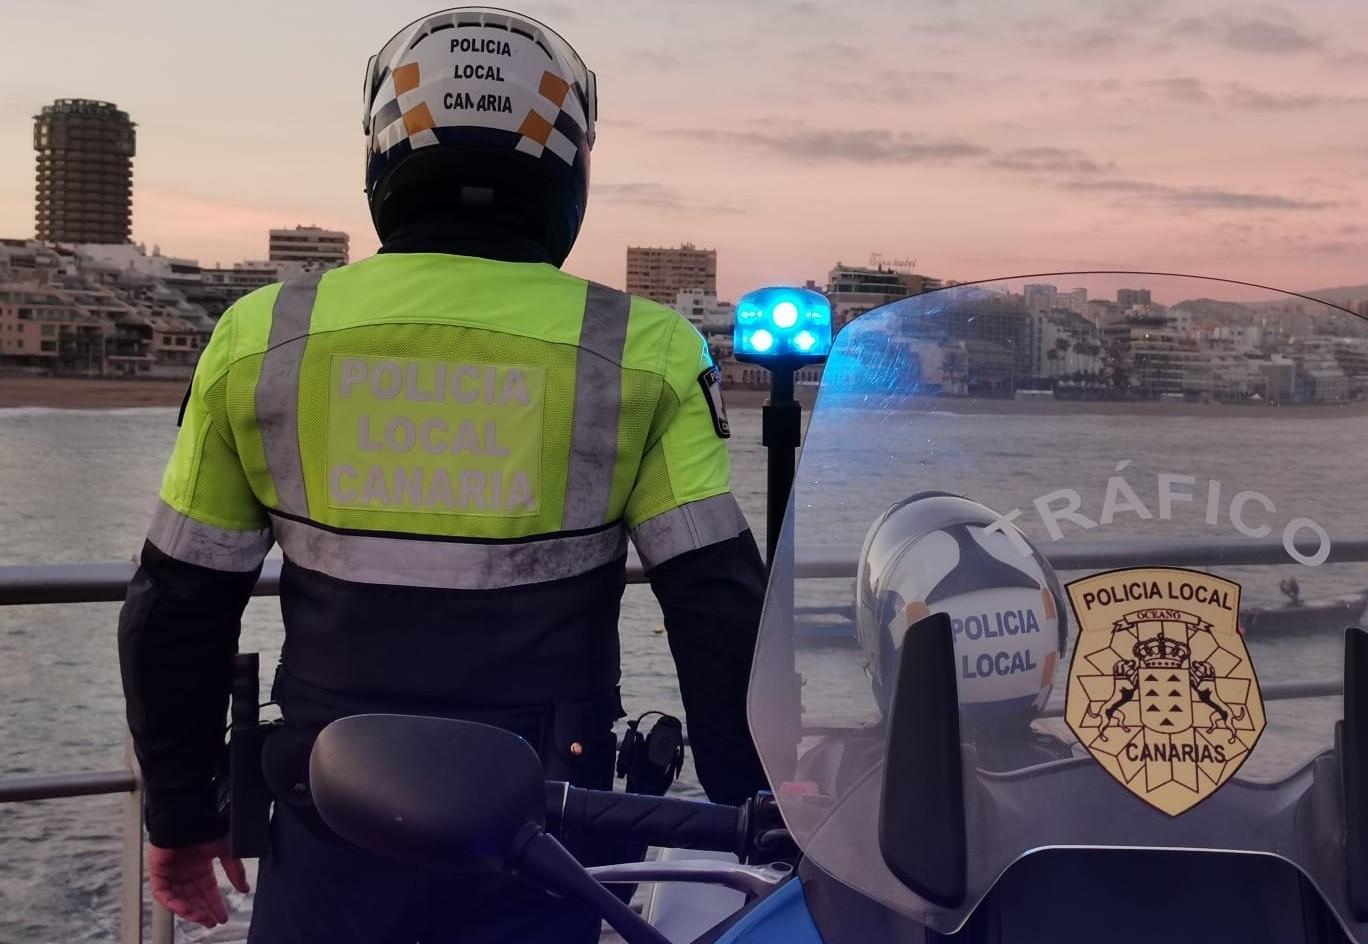 Un total de 1.756 personas propuestas para sanción por la Policía Local de Las Palmas de Gran Canaria en tres semanas de confinamiento